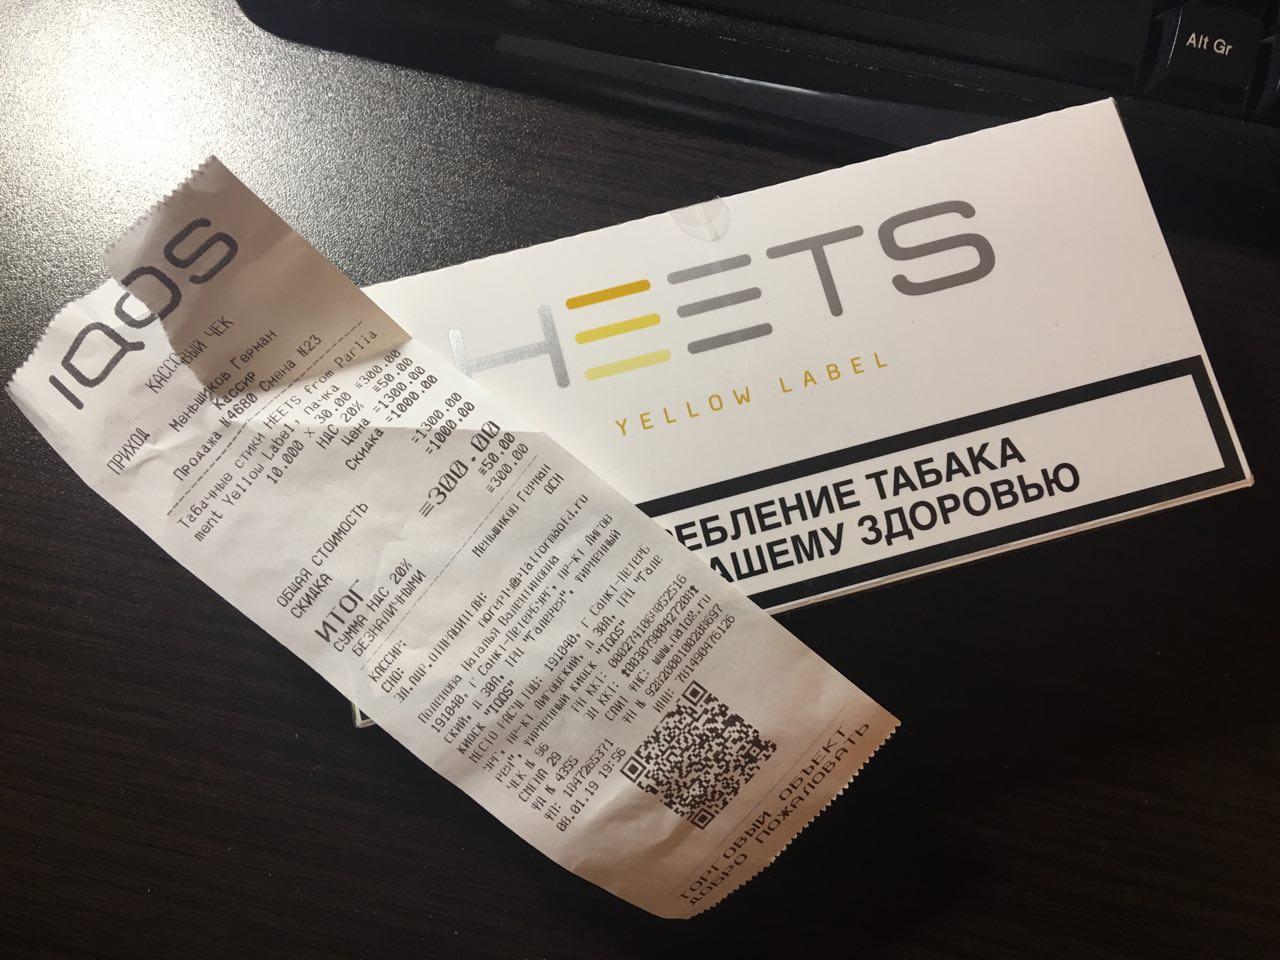 Блок табачных стиков HEETS для системы нагревания табака IQOS